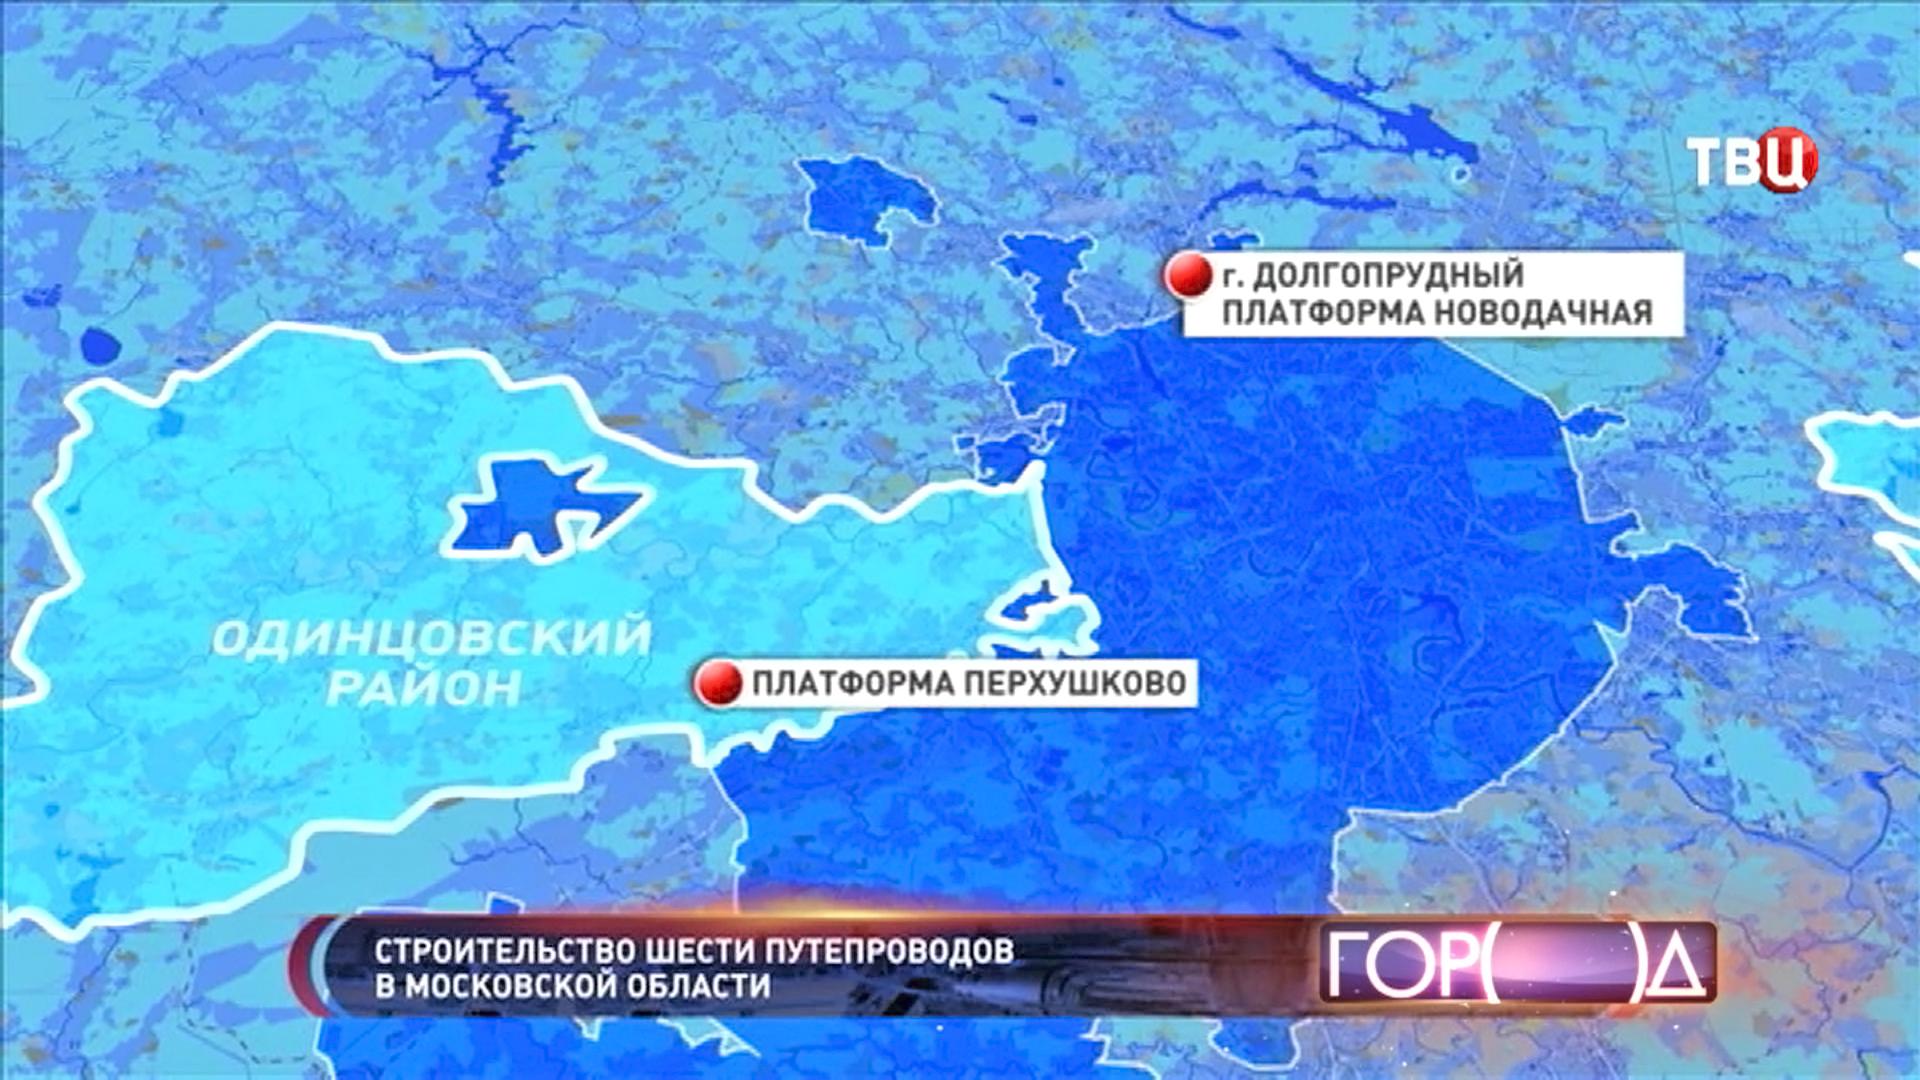 Строительство шести путепроводов в Московской области